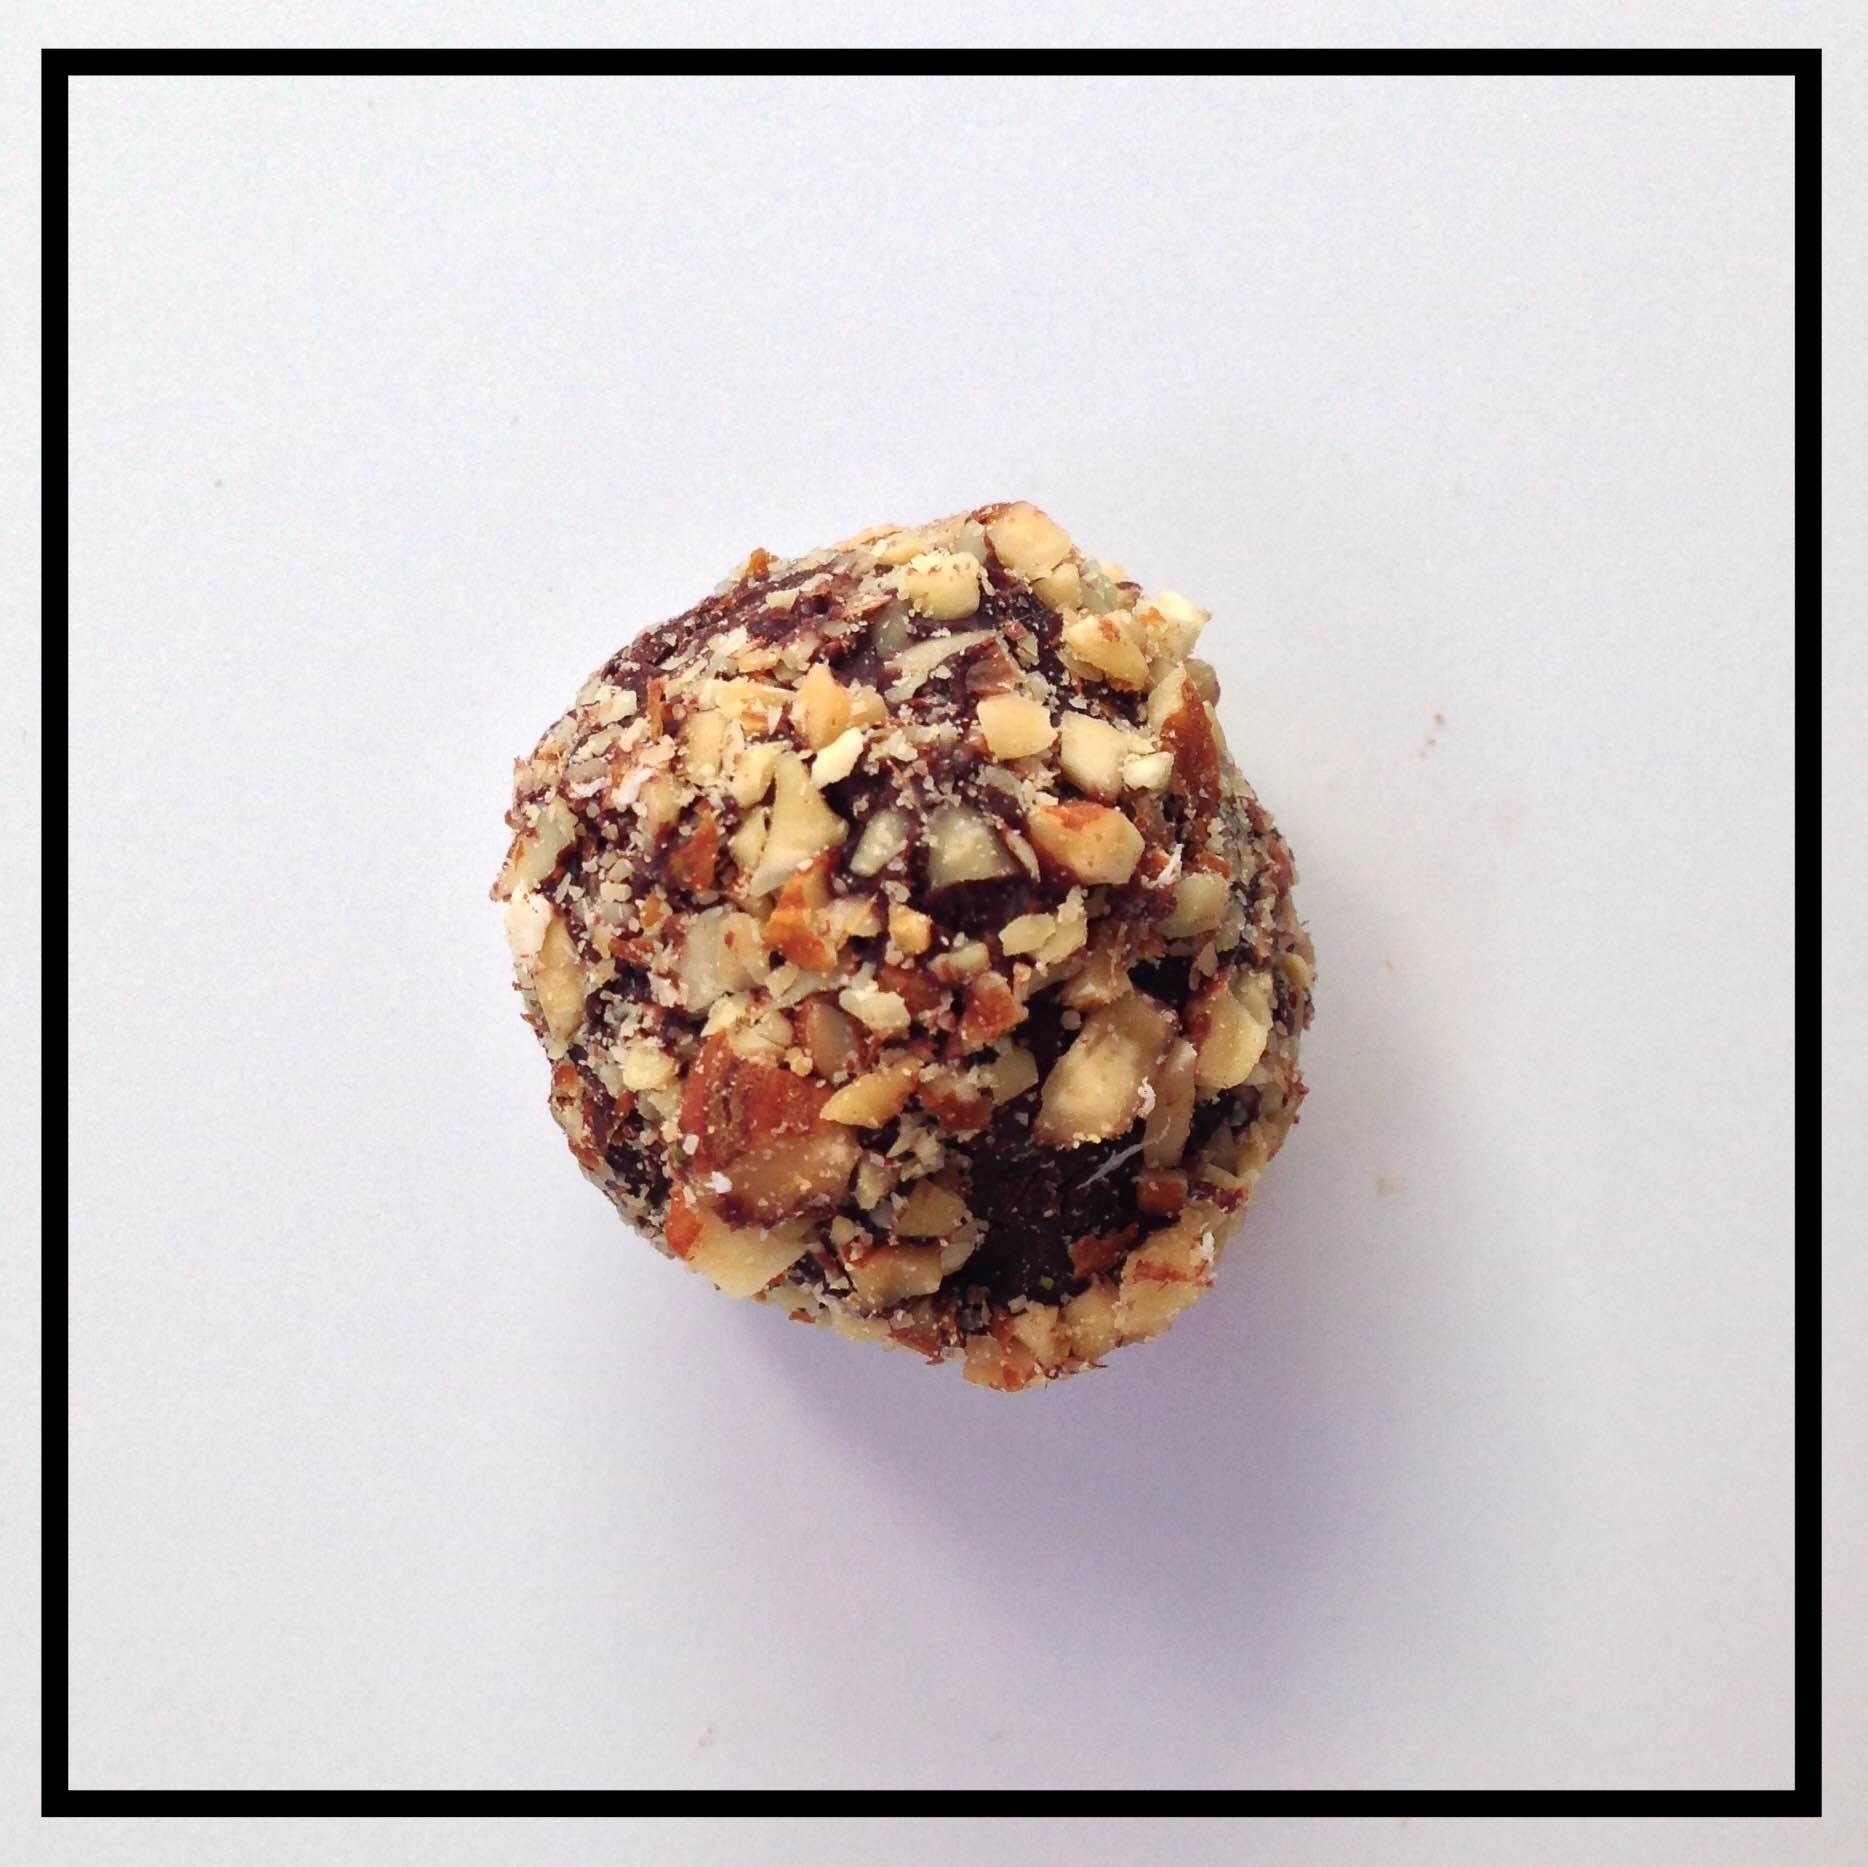 AMARETTO   Amaretto di Saronno blended into chocolate ganache, coated in crushed almonds